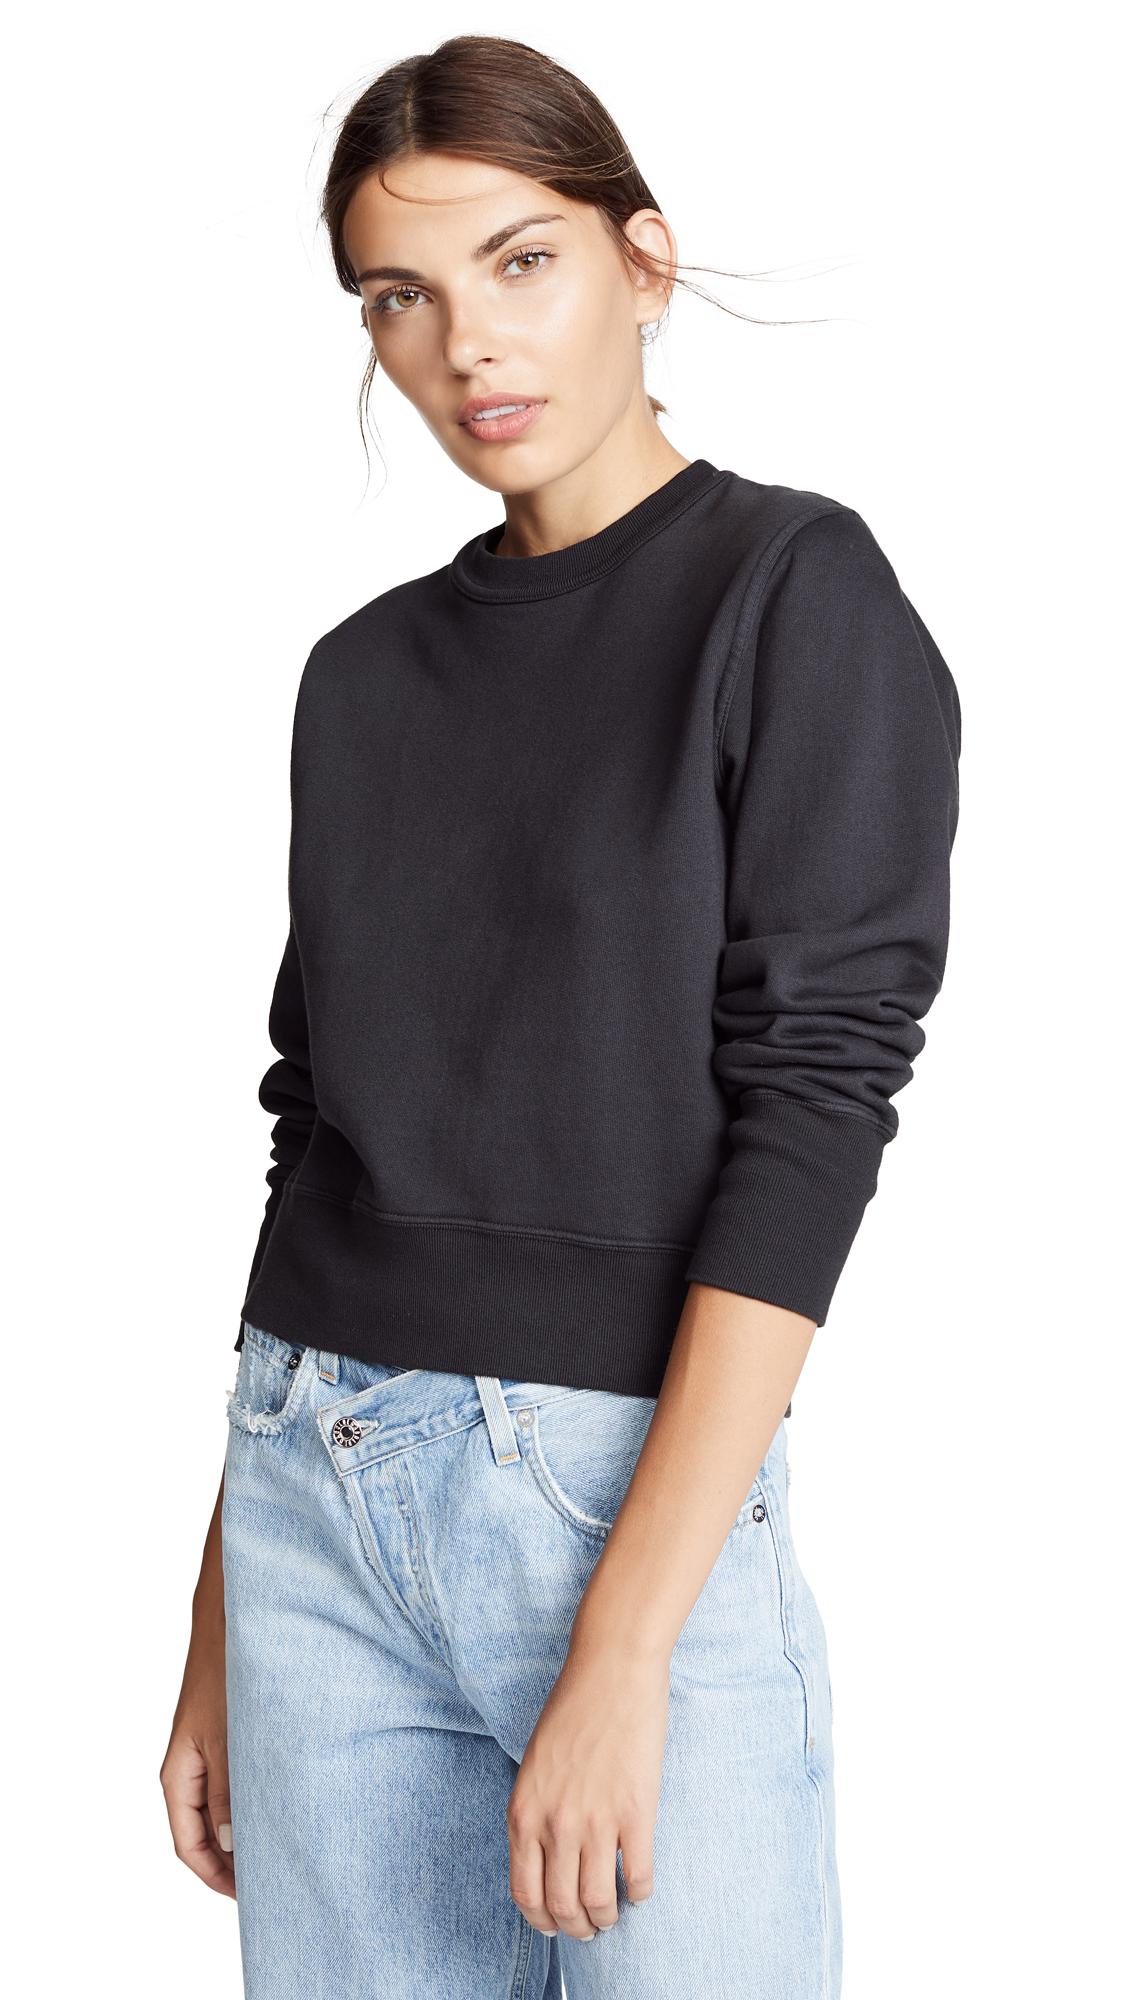 AGOLDE Shrunken Sweatshirt In Nocturne